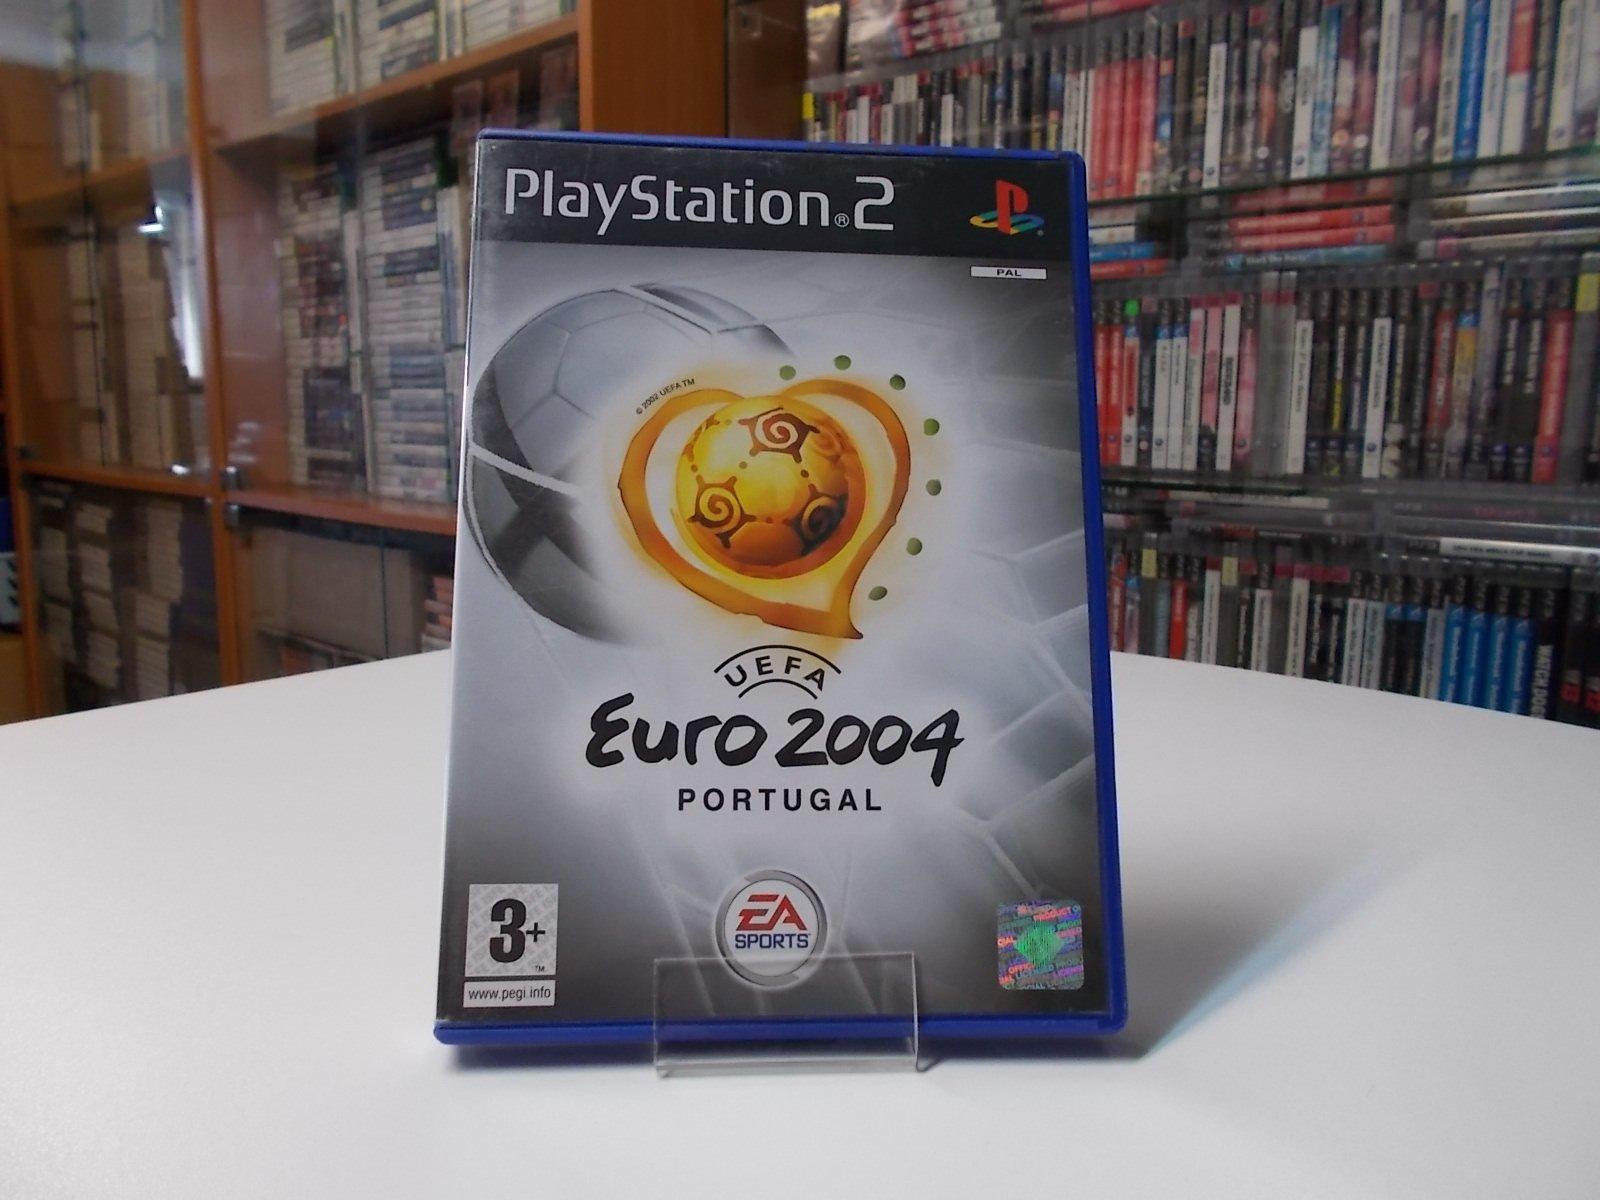 UEFA EURO 2004 PORTUGAL - GRA Ps2 - Opole 0502